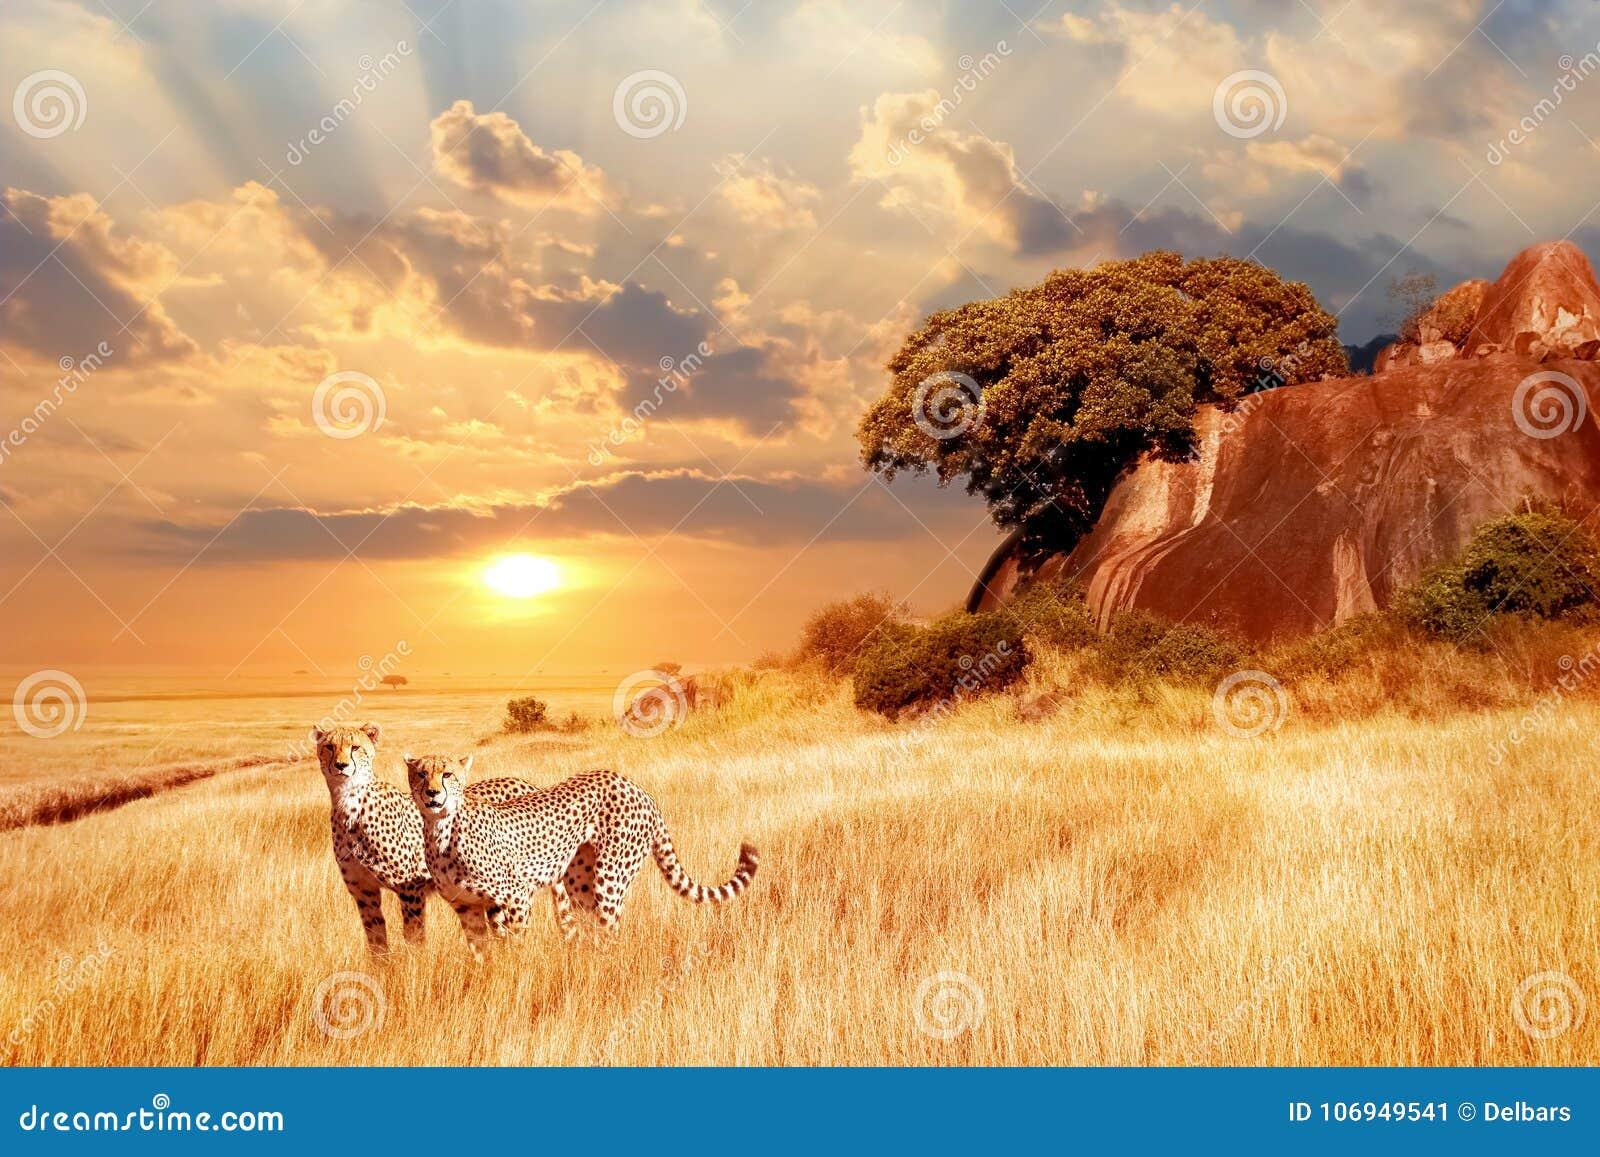 Гепарды в африканской саванне против фона красивого захода солнца Национальный парк Serengeti Танзания вышесказанного